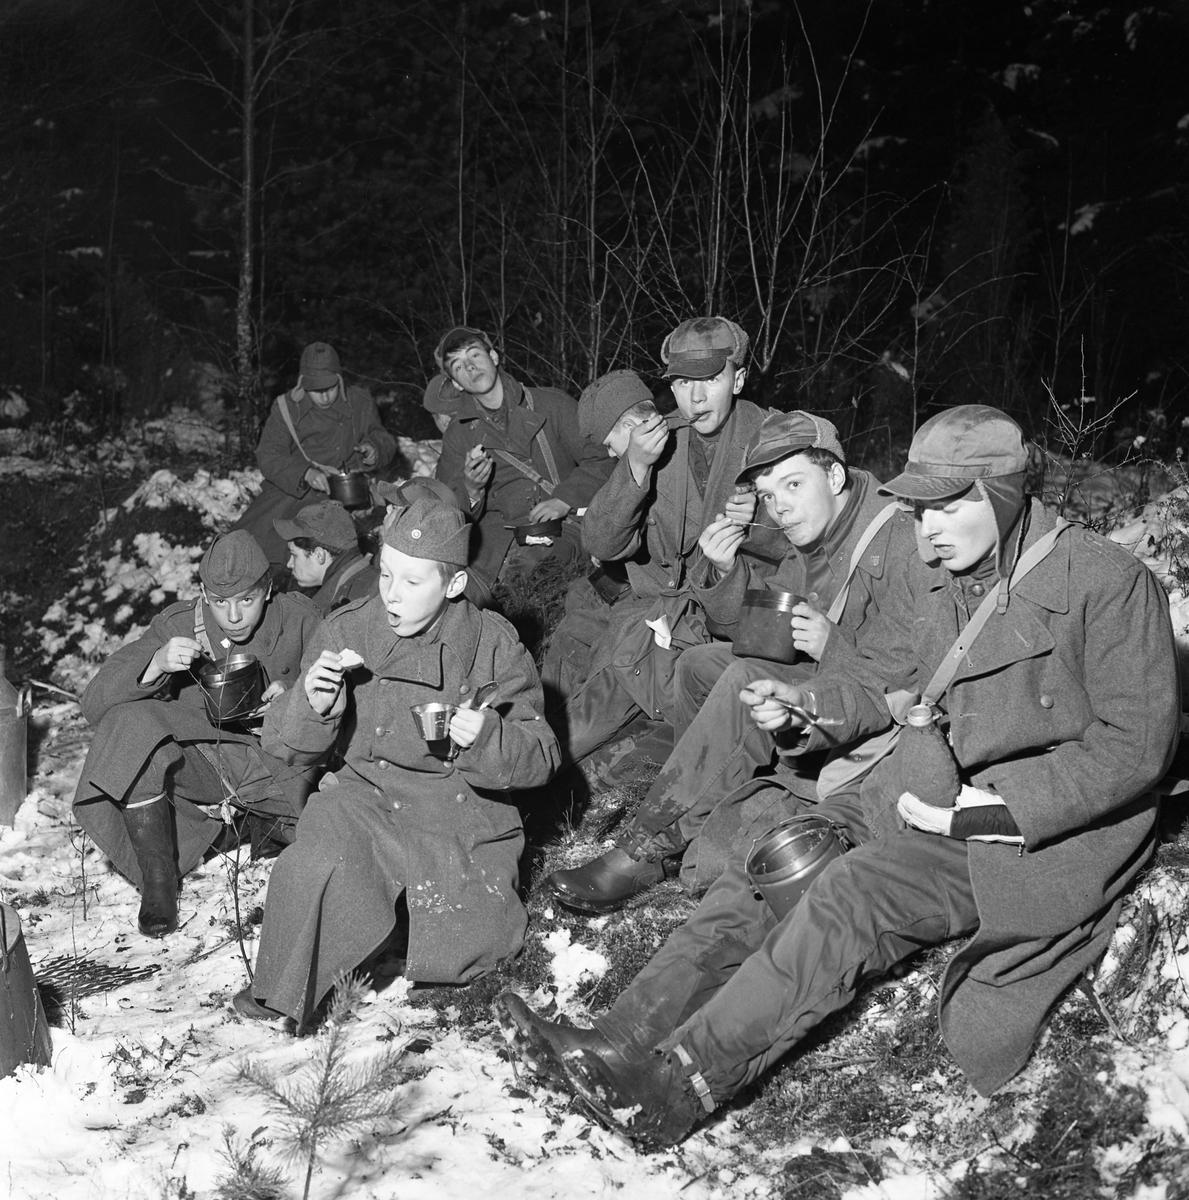 FBUl-ungdom övar i skogen. Grabbarna är klädda i yllerockar och mössor med öronlappar. Pojkarna sitter på granris och äter ur sina plåtburkar. Det är vinter och snö. Frivillig Befälsutbildning.